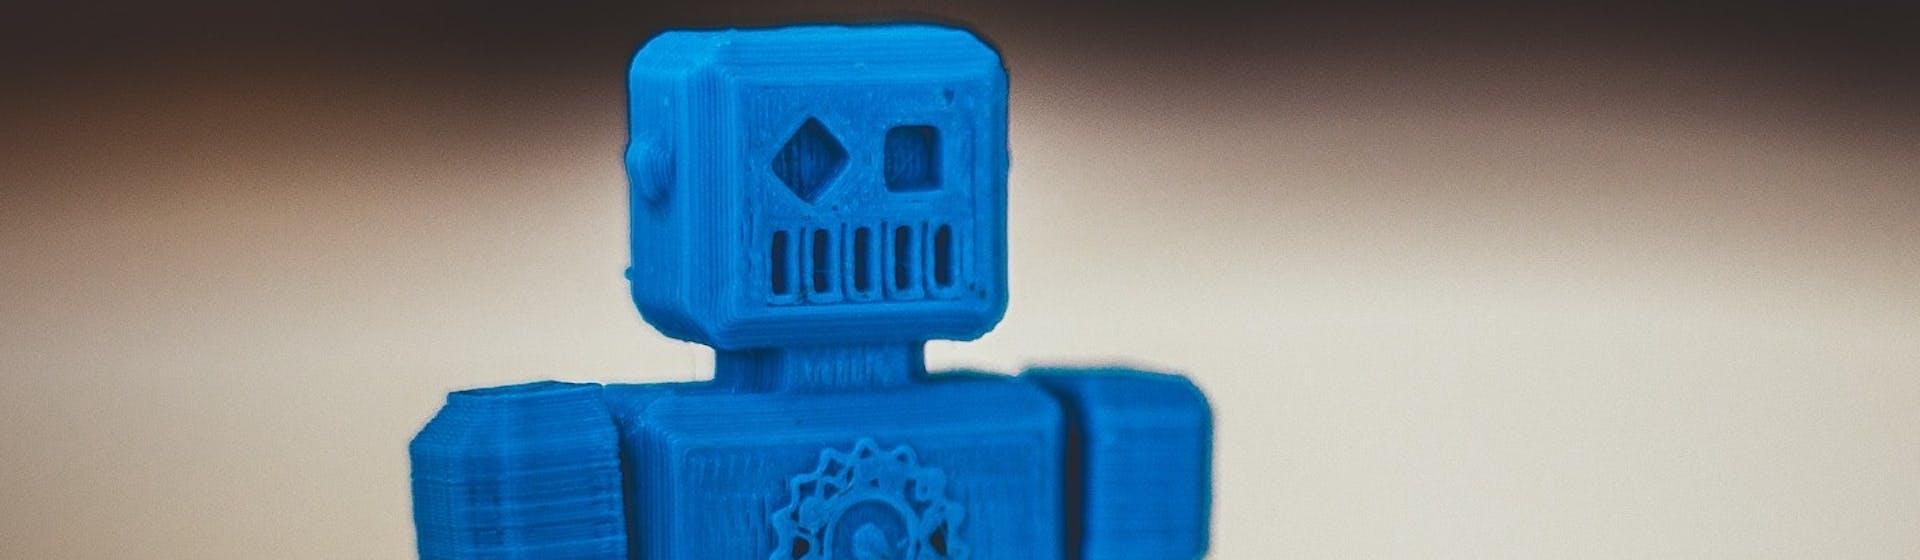 Tipos de impresoras 3D: ¡Conviértete en un dios del modelado tridimensional!